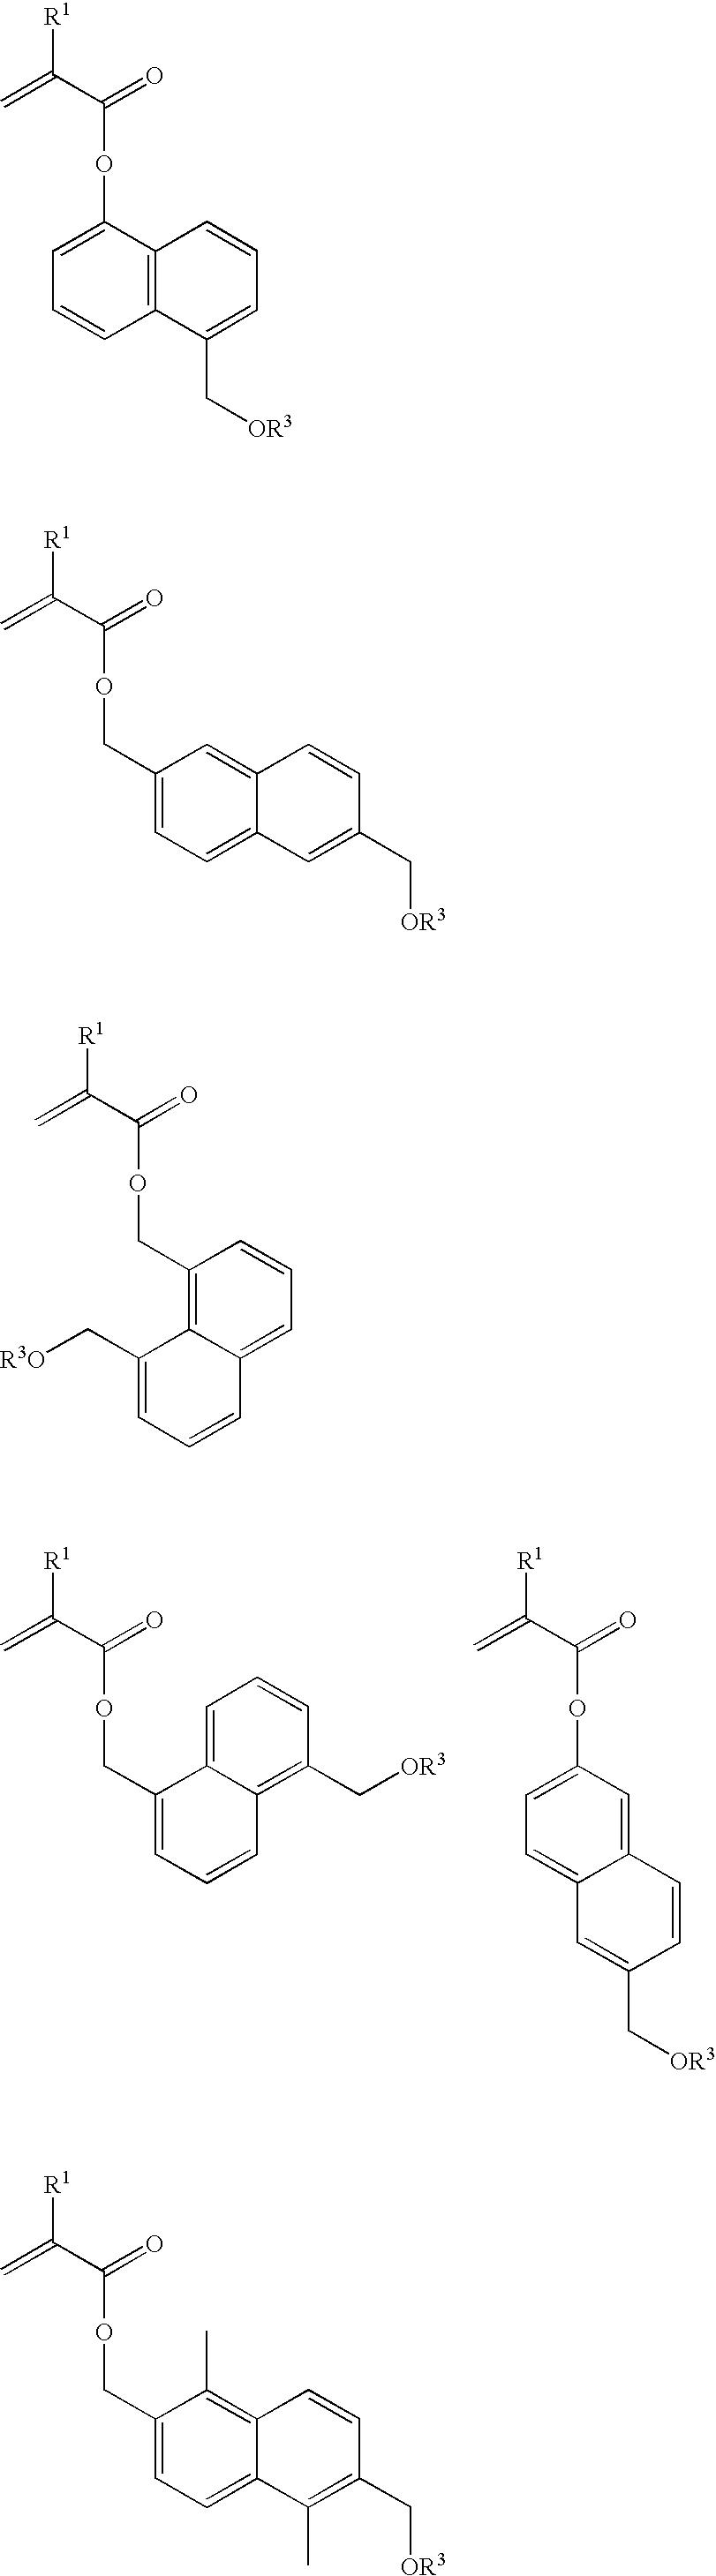 Figure US08057982-20111115-C00011